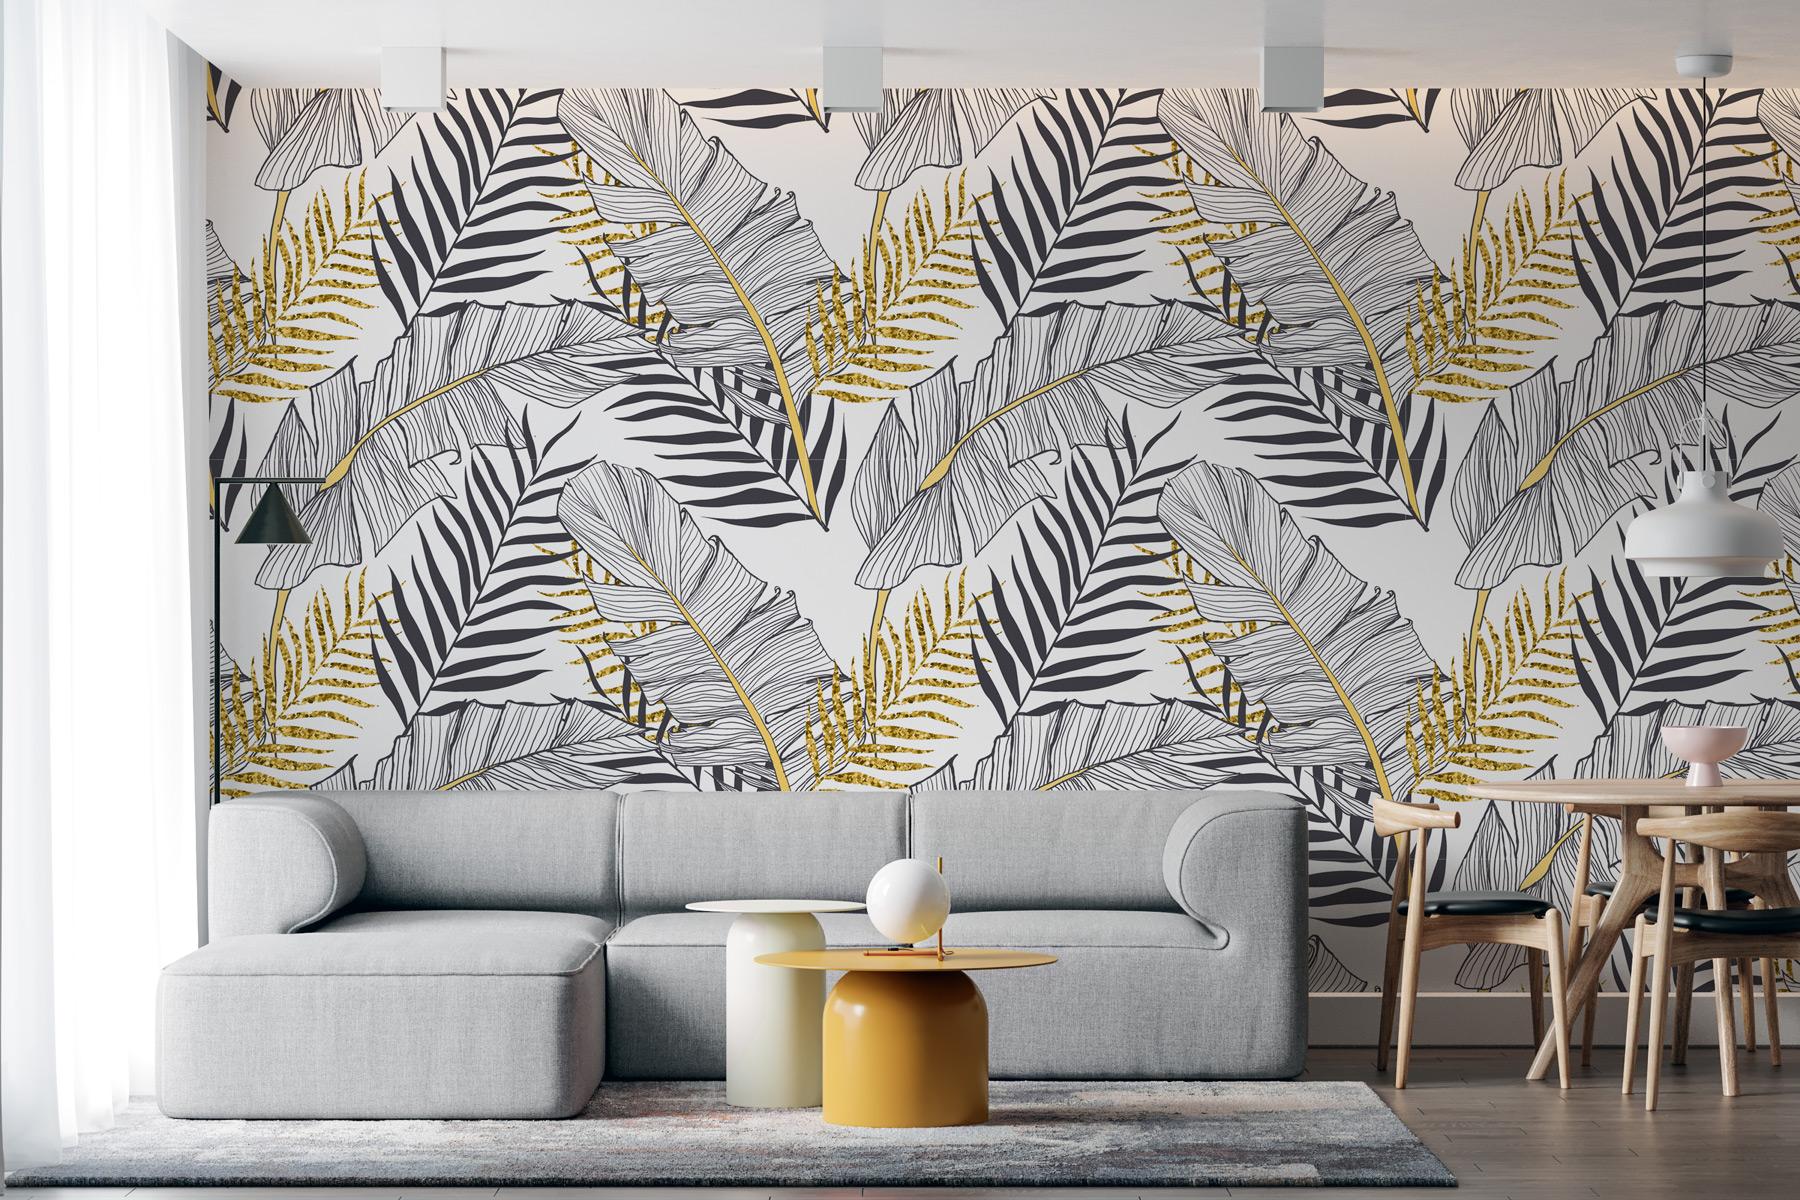 Tapeta - Jednobarwne liście palmowe - fototapeta.shop